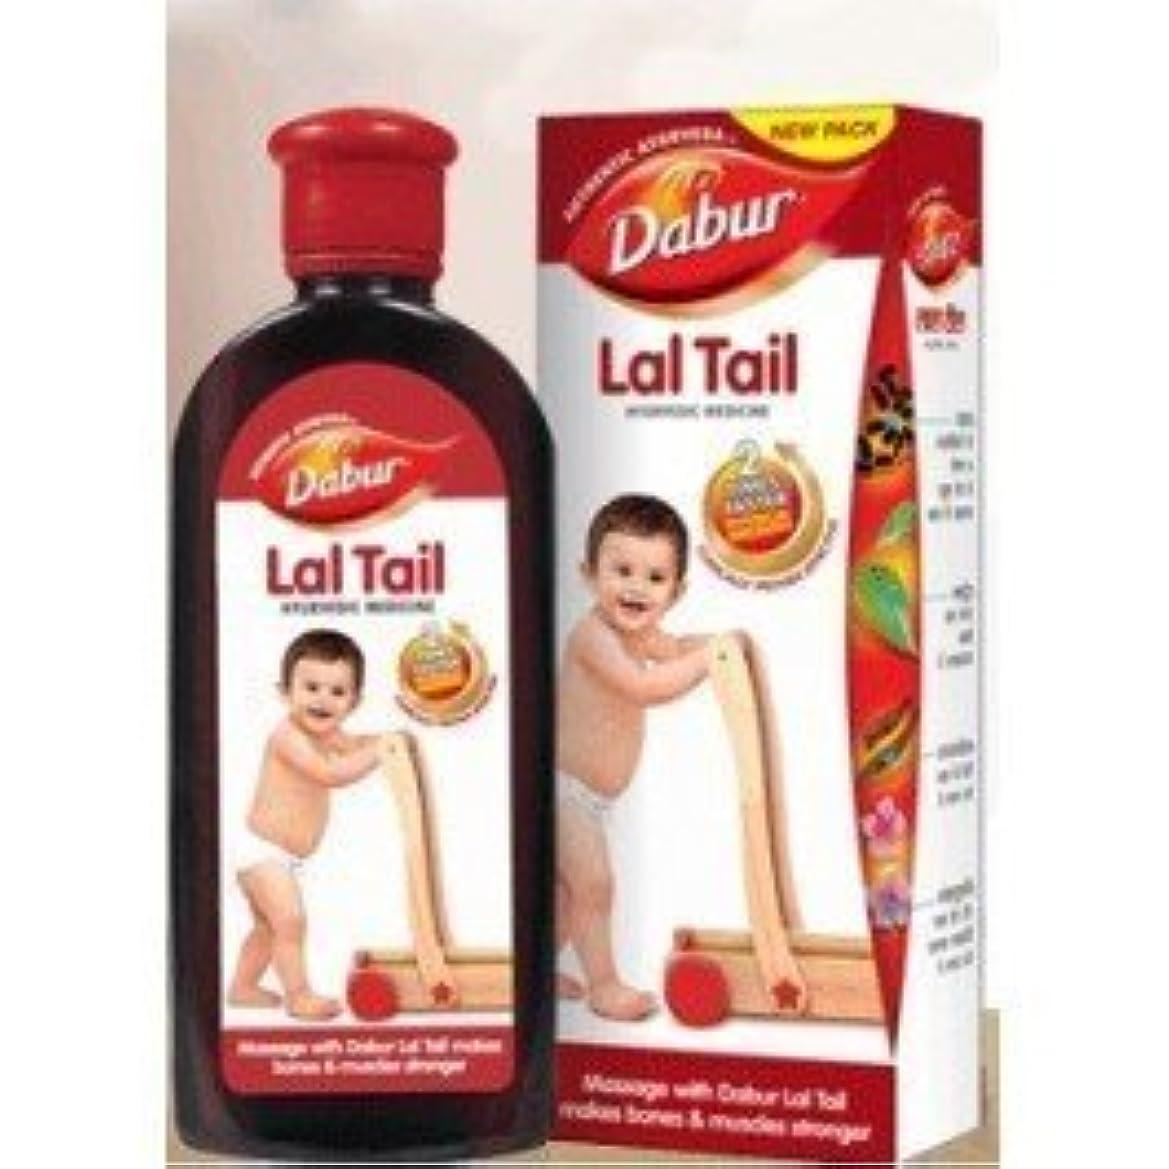 モネ免除皮肉なBaby / Child Natural Strengthening Herbal Ayurvedic Baby Massage Oil Dabur Lal Tail 100ml Large Size Infant by...